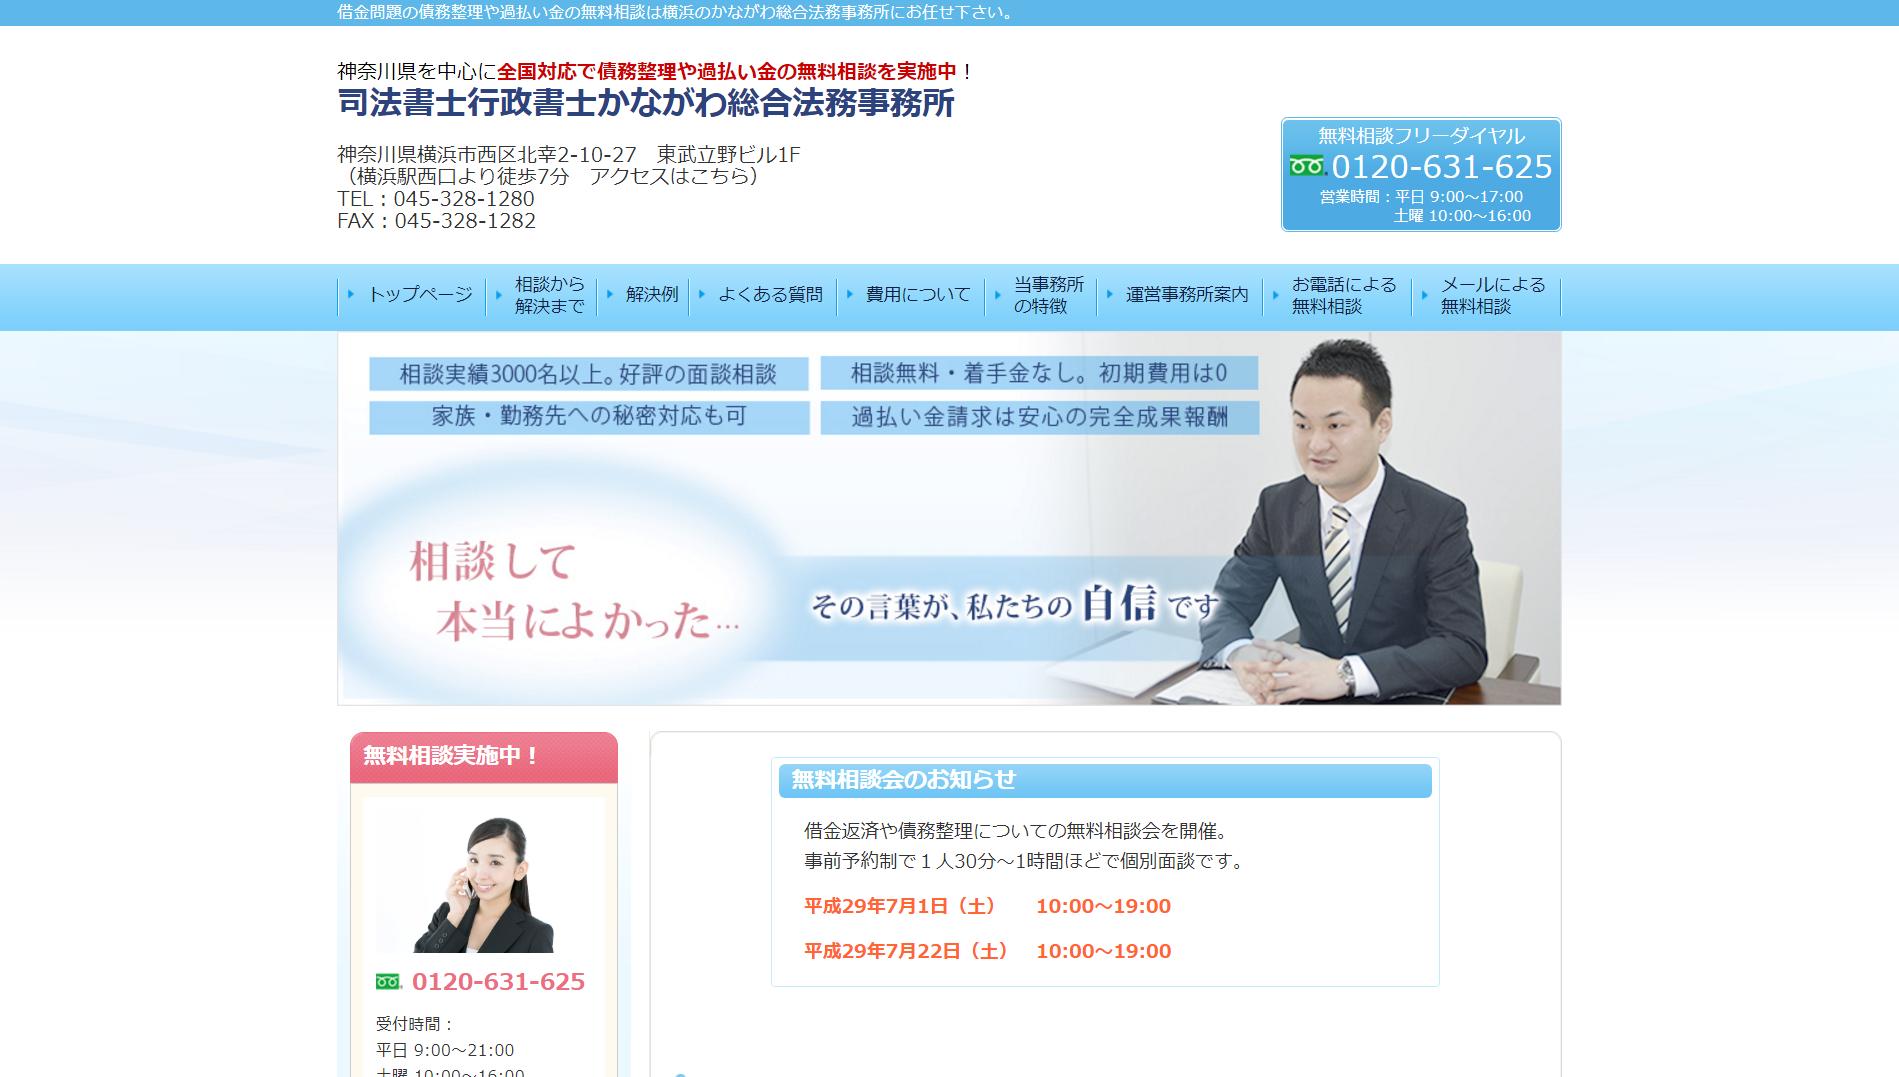 司法書士かながわ総合法務事務所(神奈川県横浜市西区)